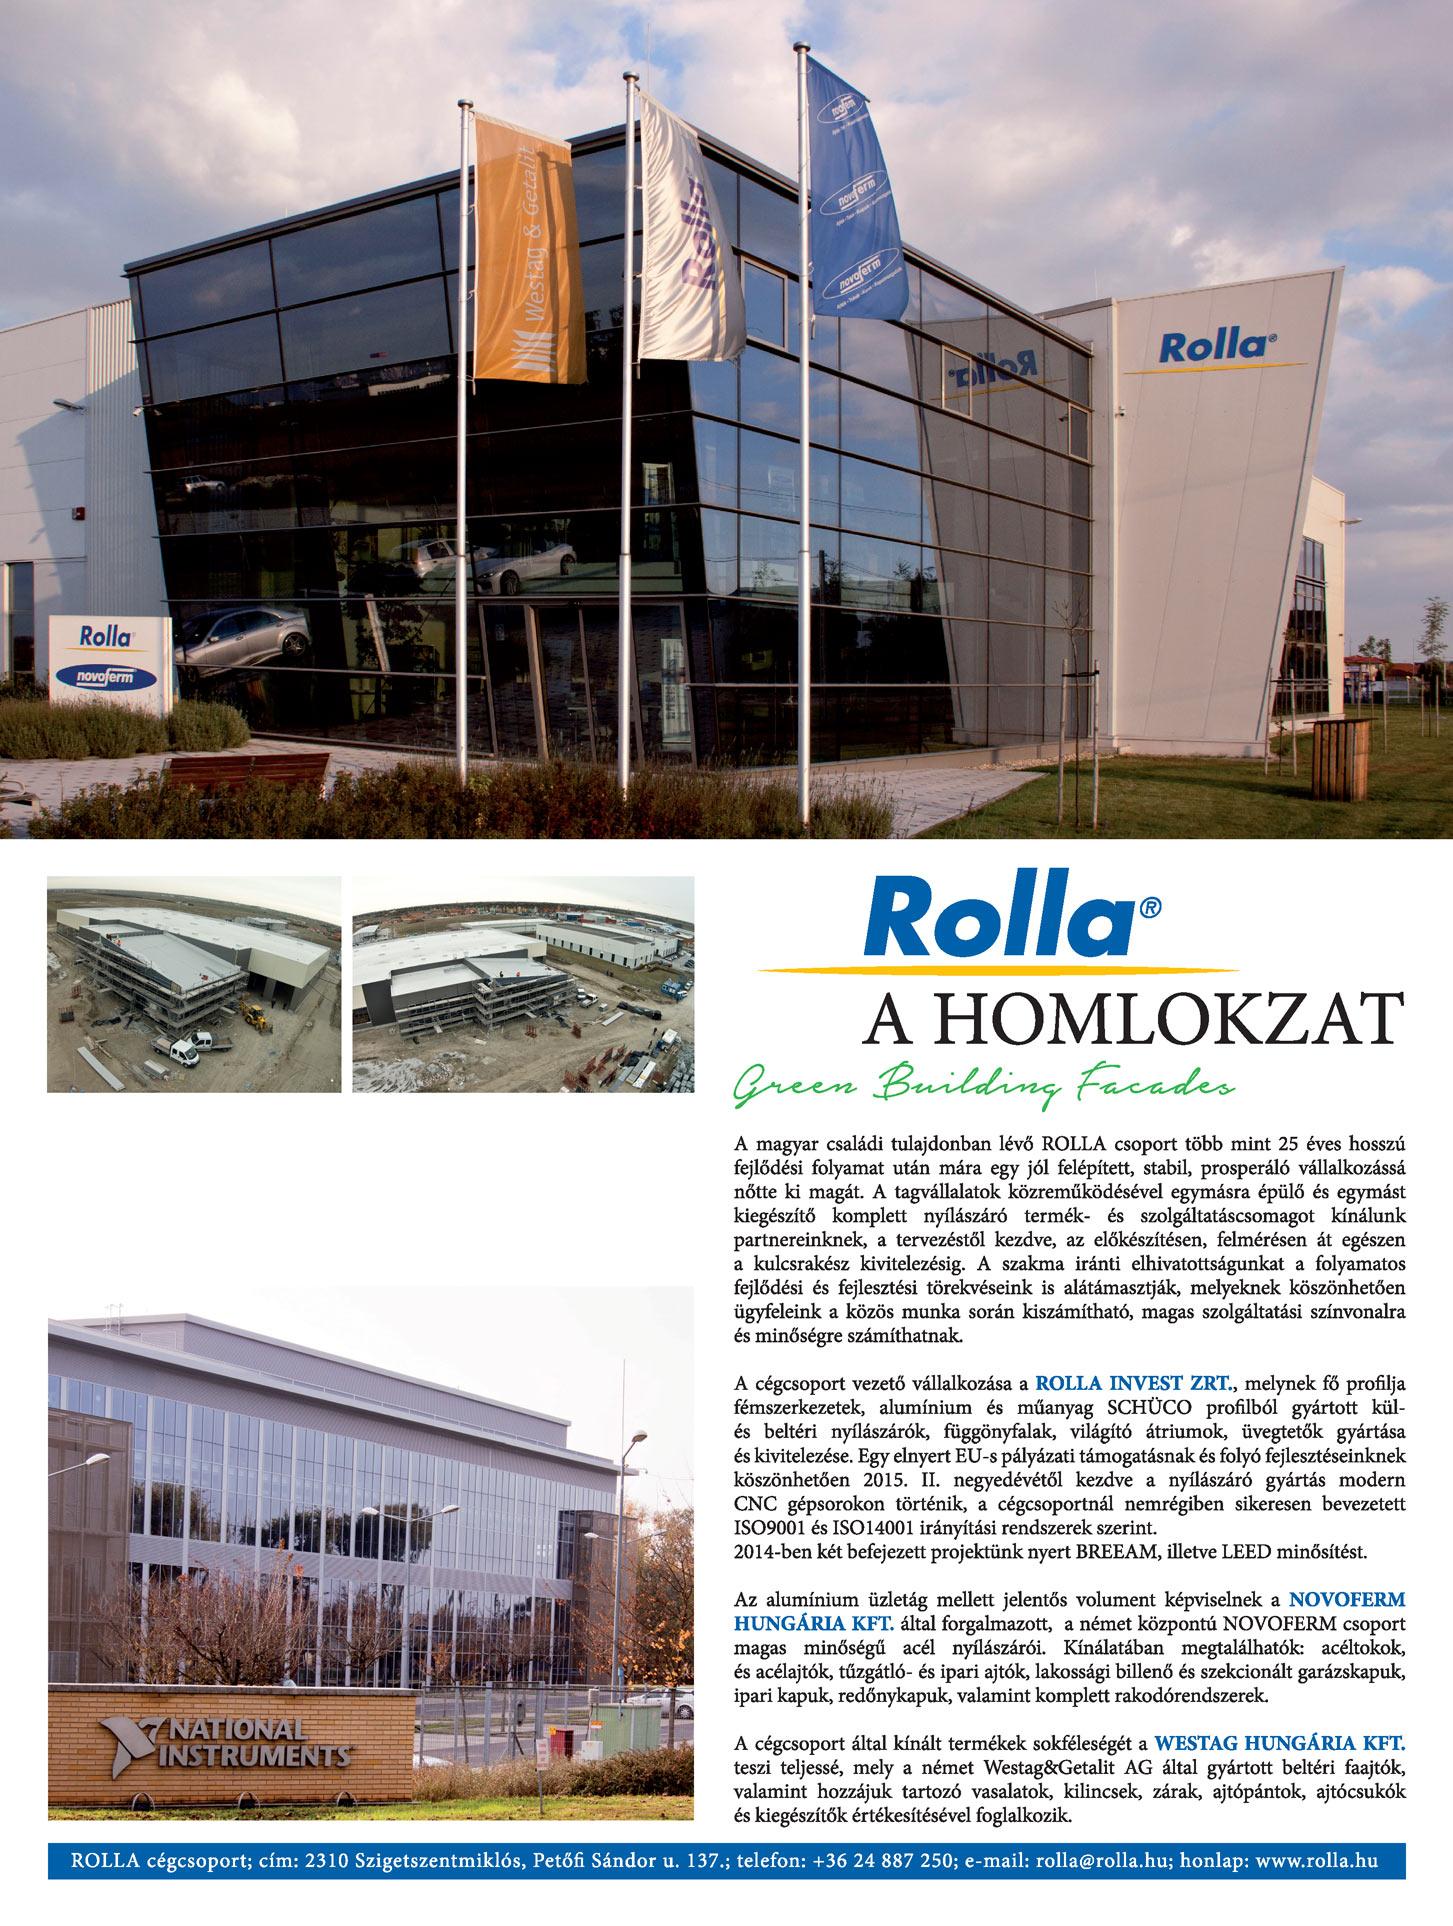 Rolla cikk az Octogon Építészeti Magazinban